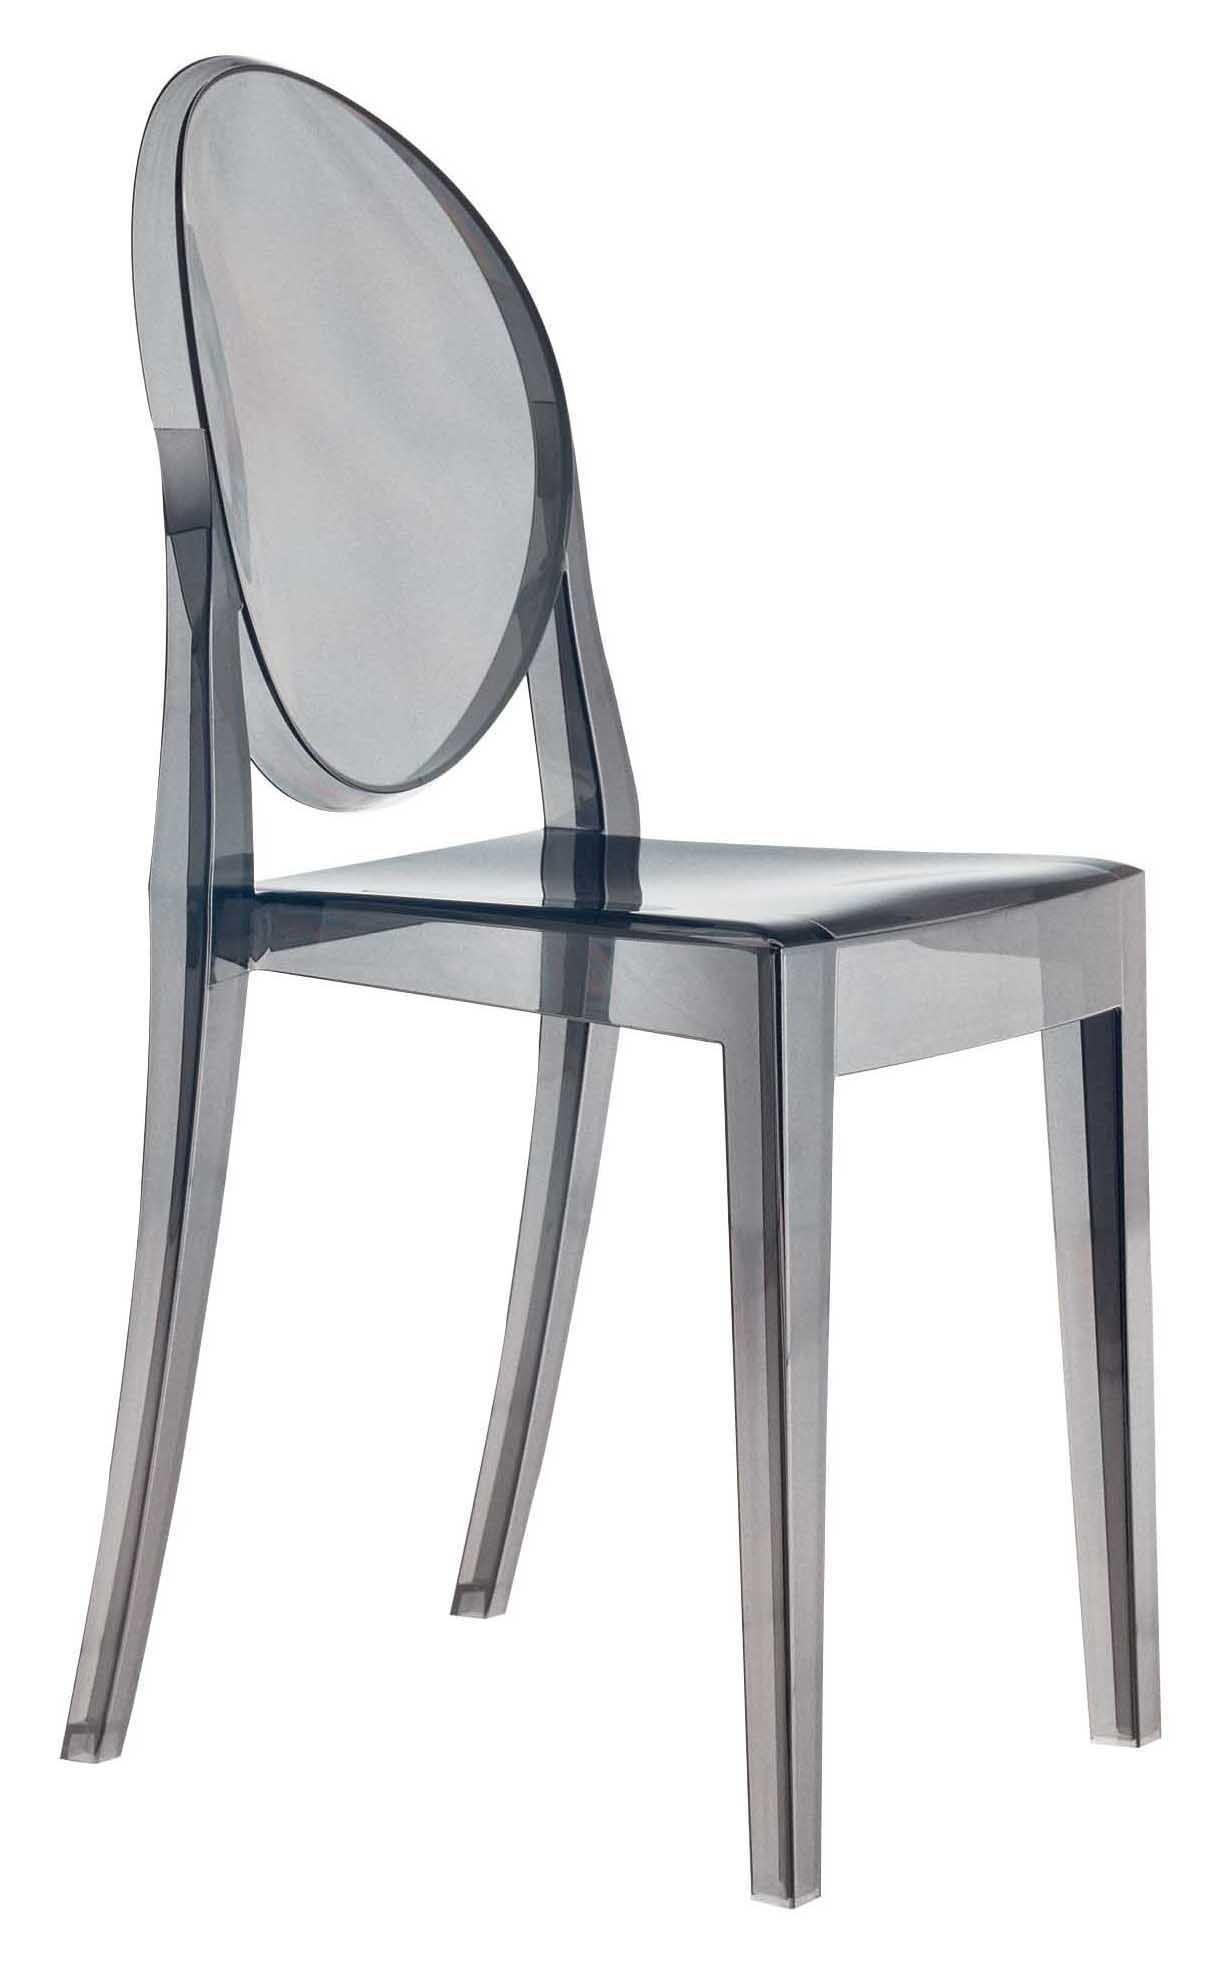 Möbel - Stühle  - Victoria Ghost Stapelbarer Stuhl - Kartell - Rauch - Polykarbonat